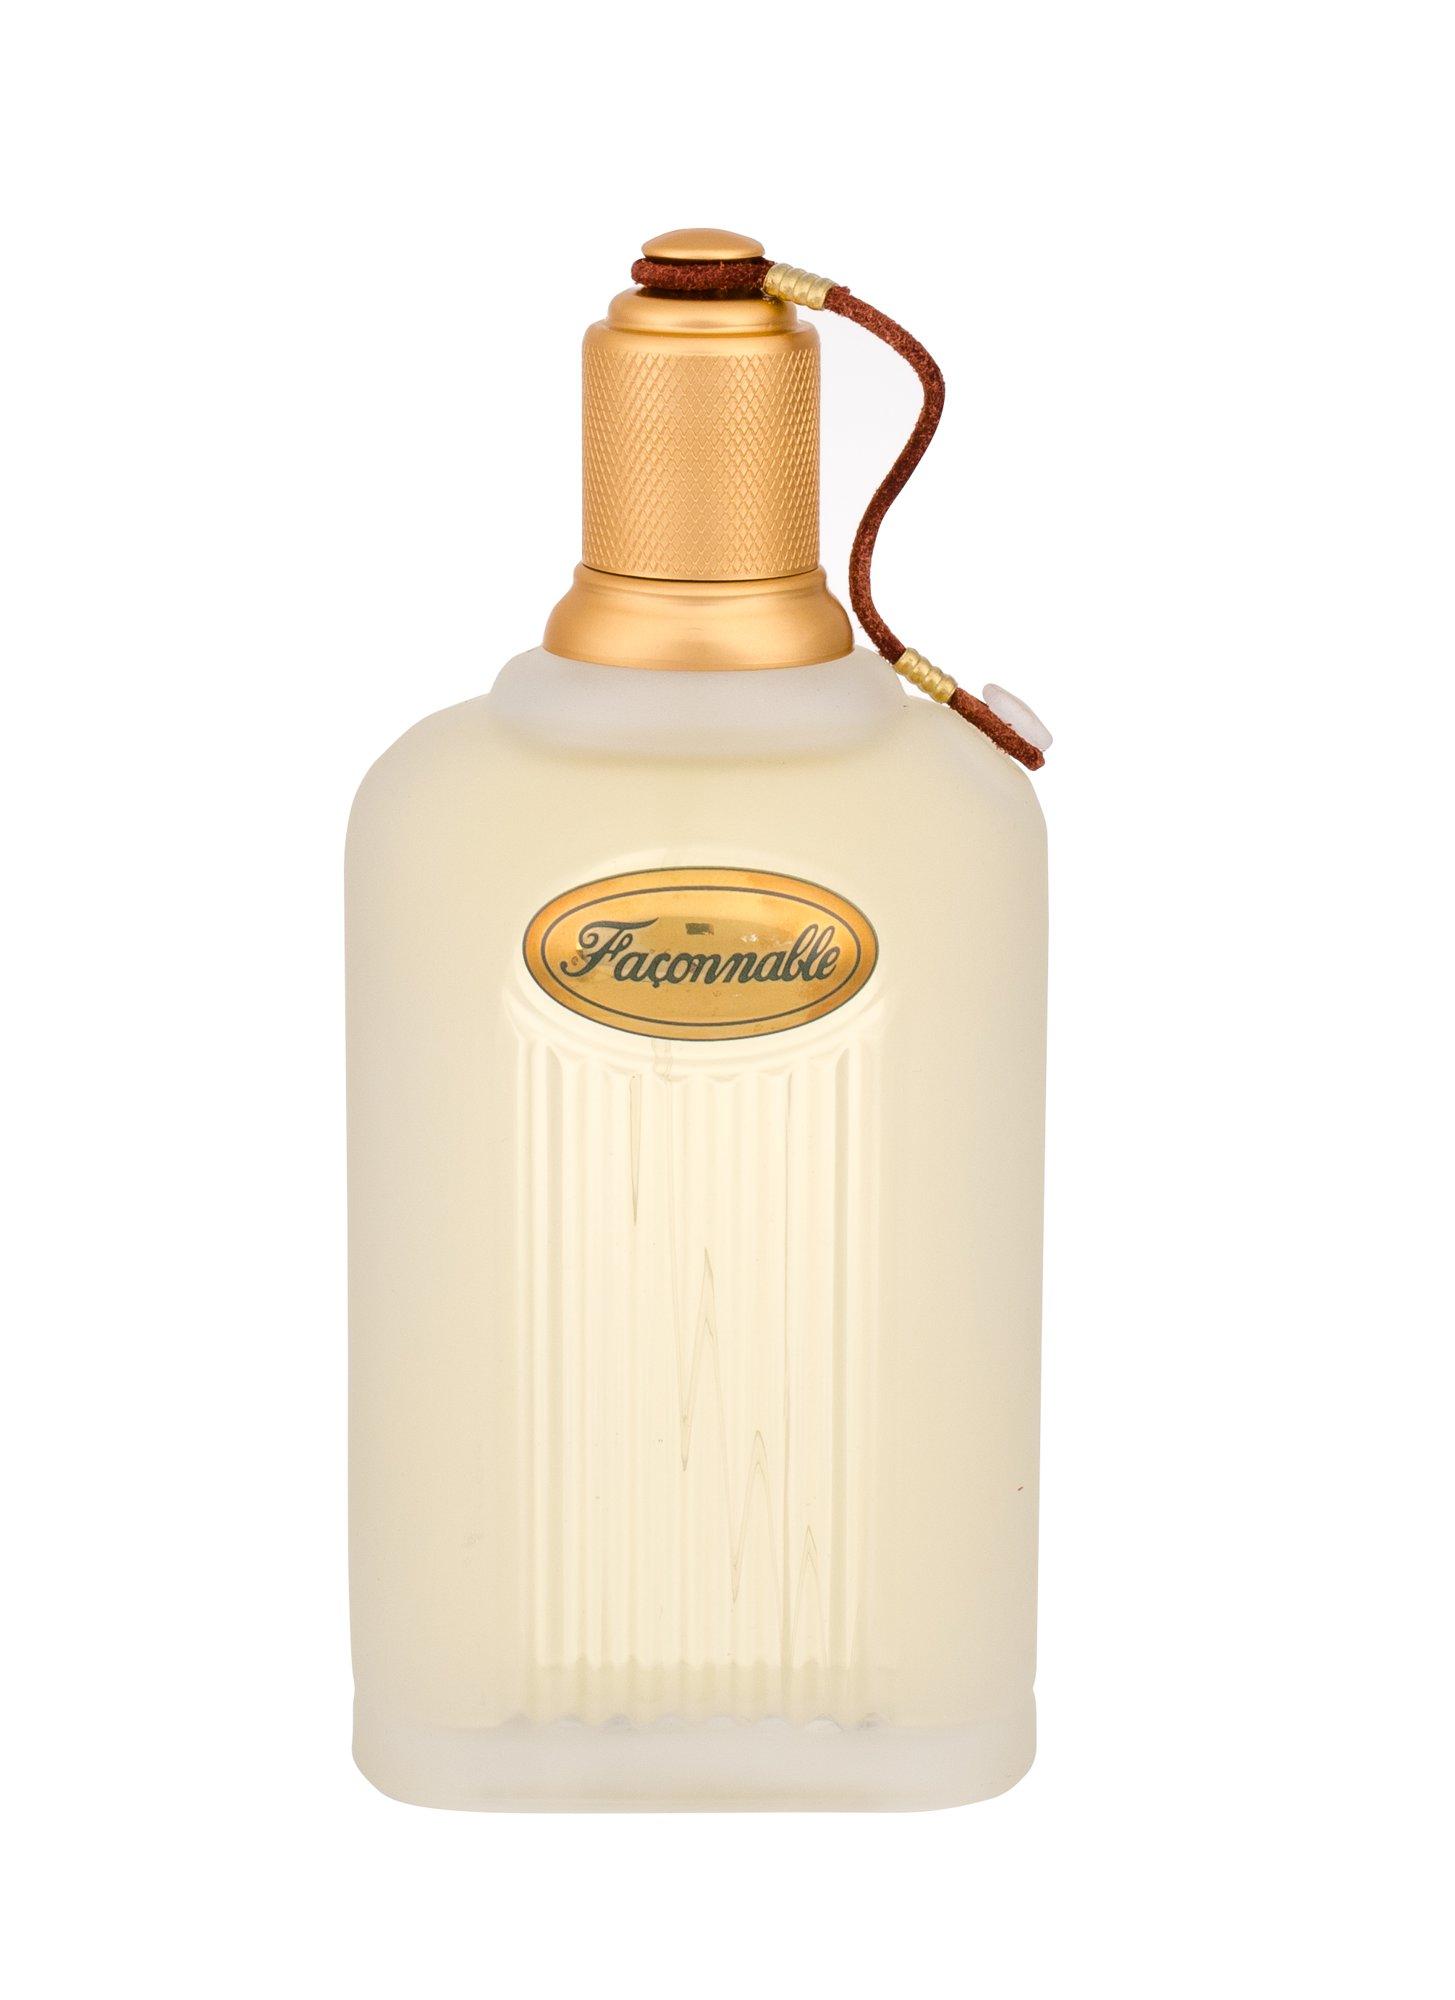 Faconnable Faconnable, Toaletná voda 100ml